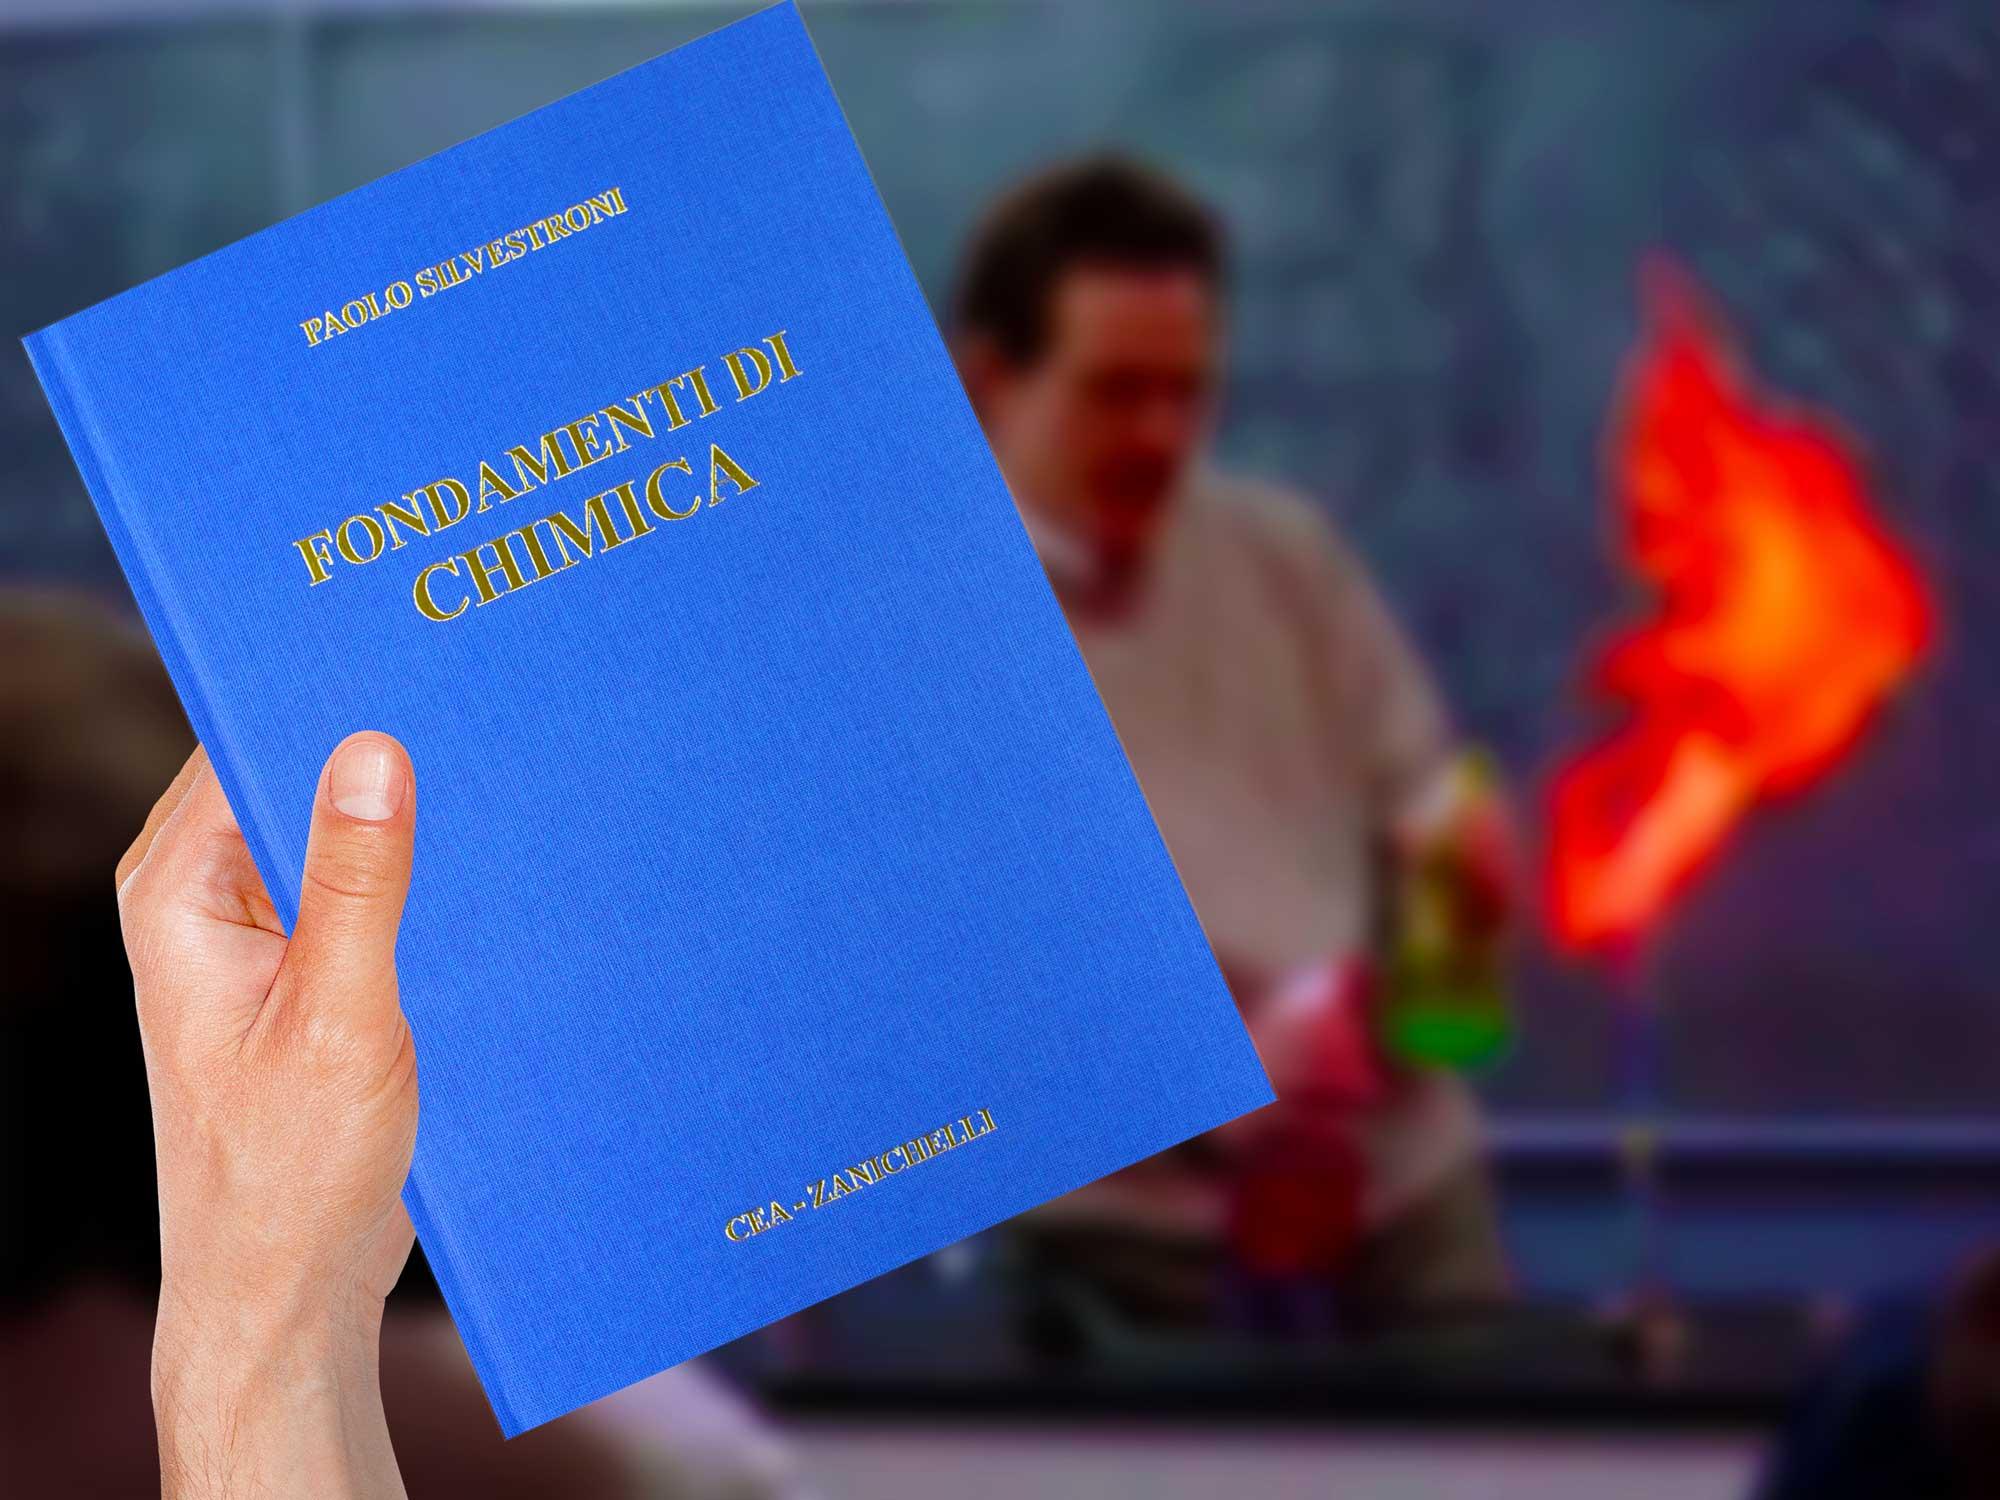 fondamenti-di-chimica-libro-studiare